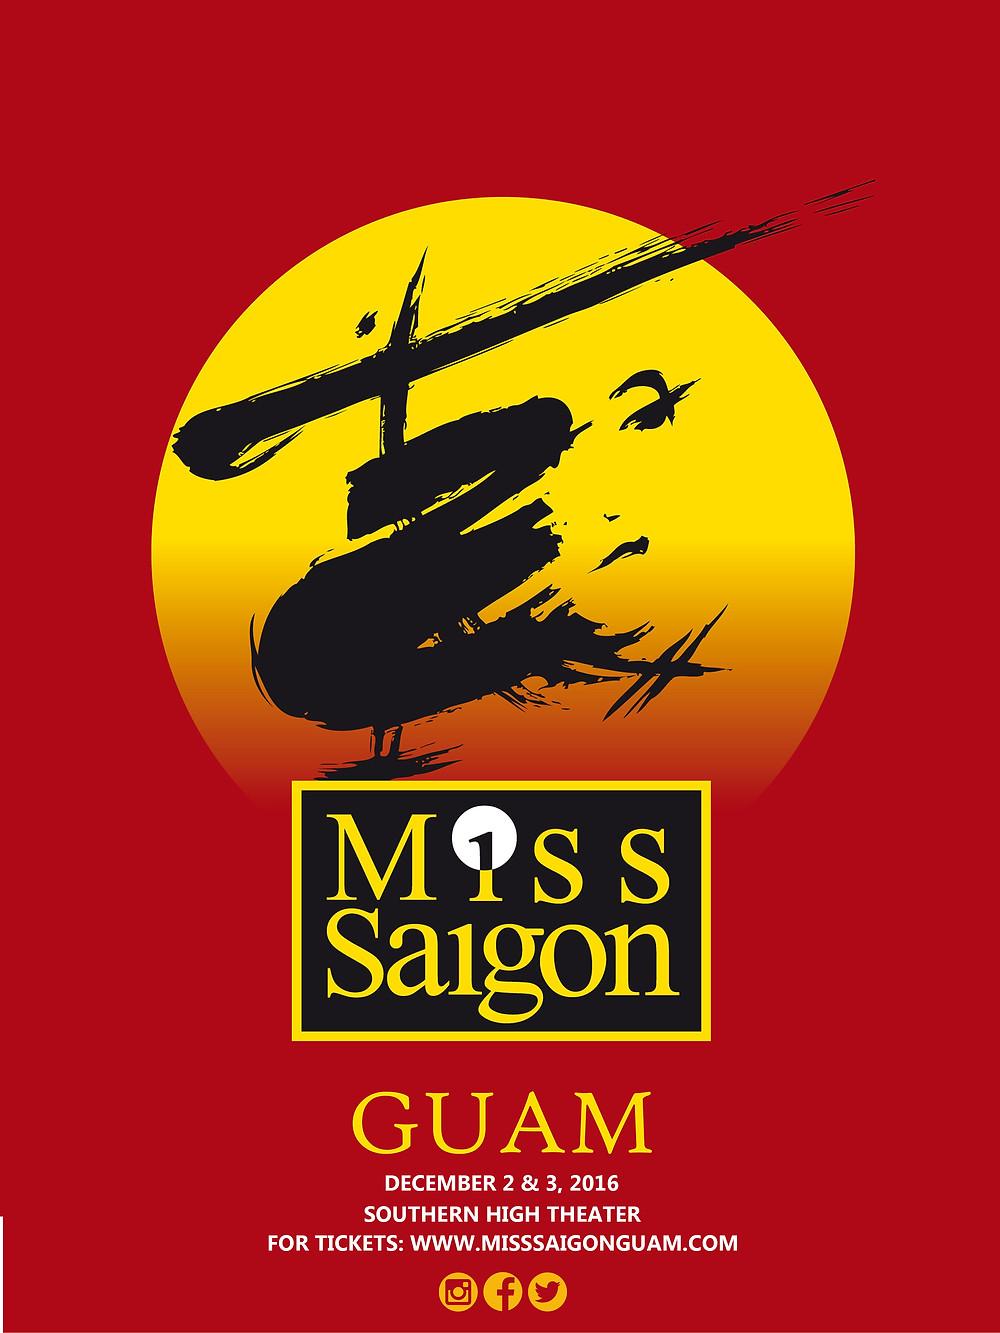 Miss Saigon Guam